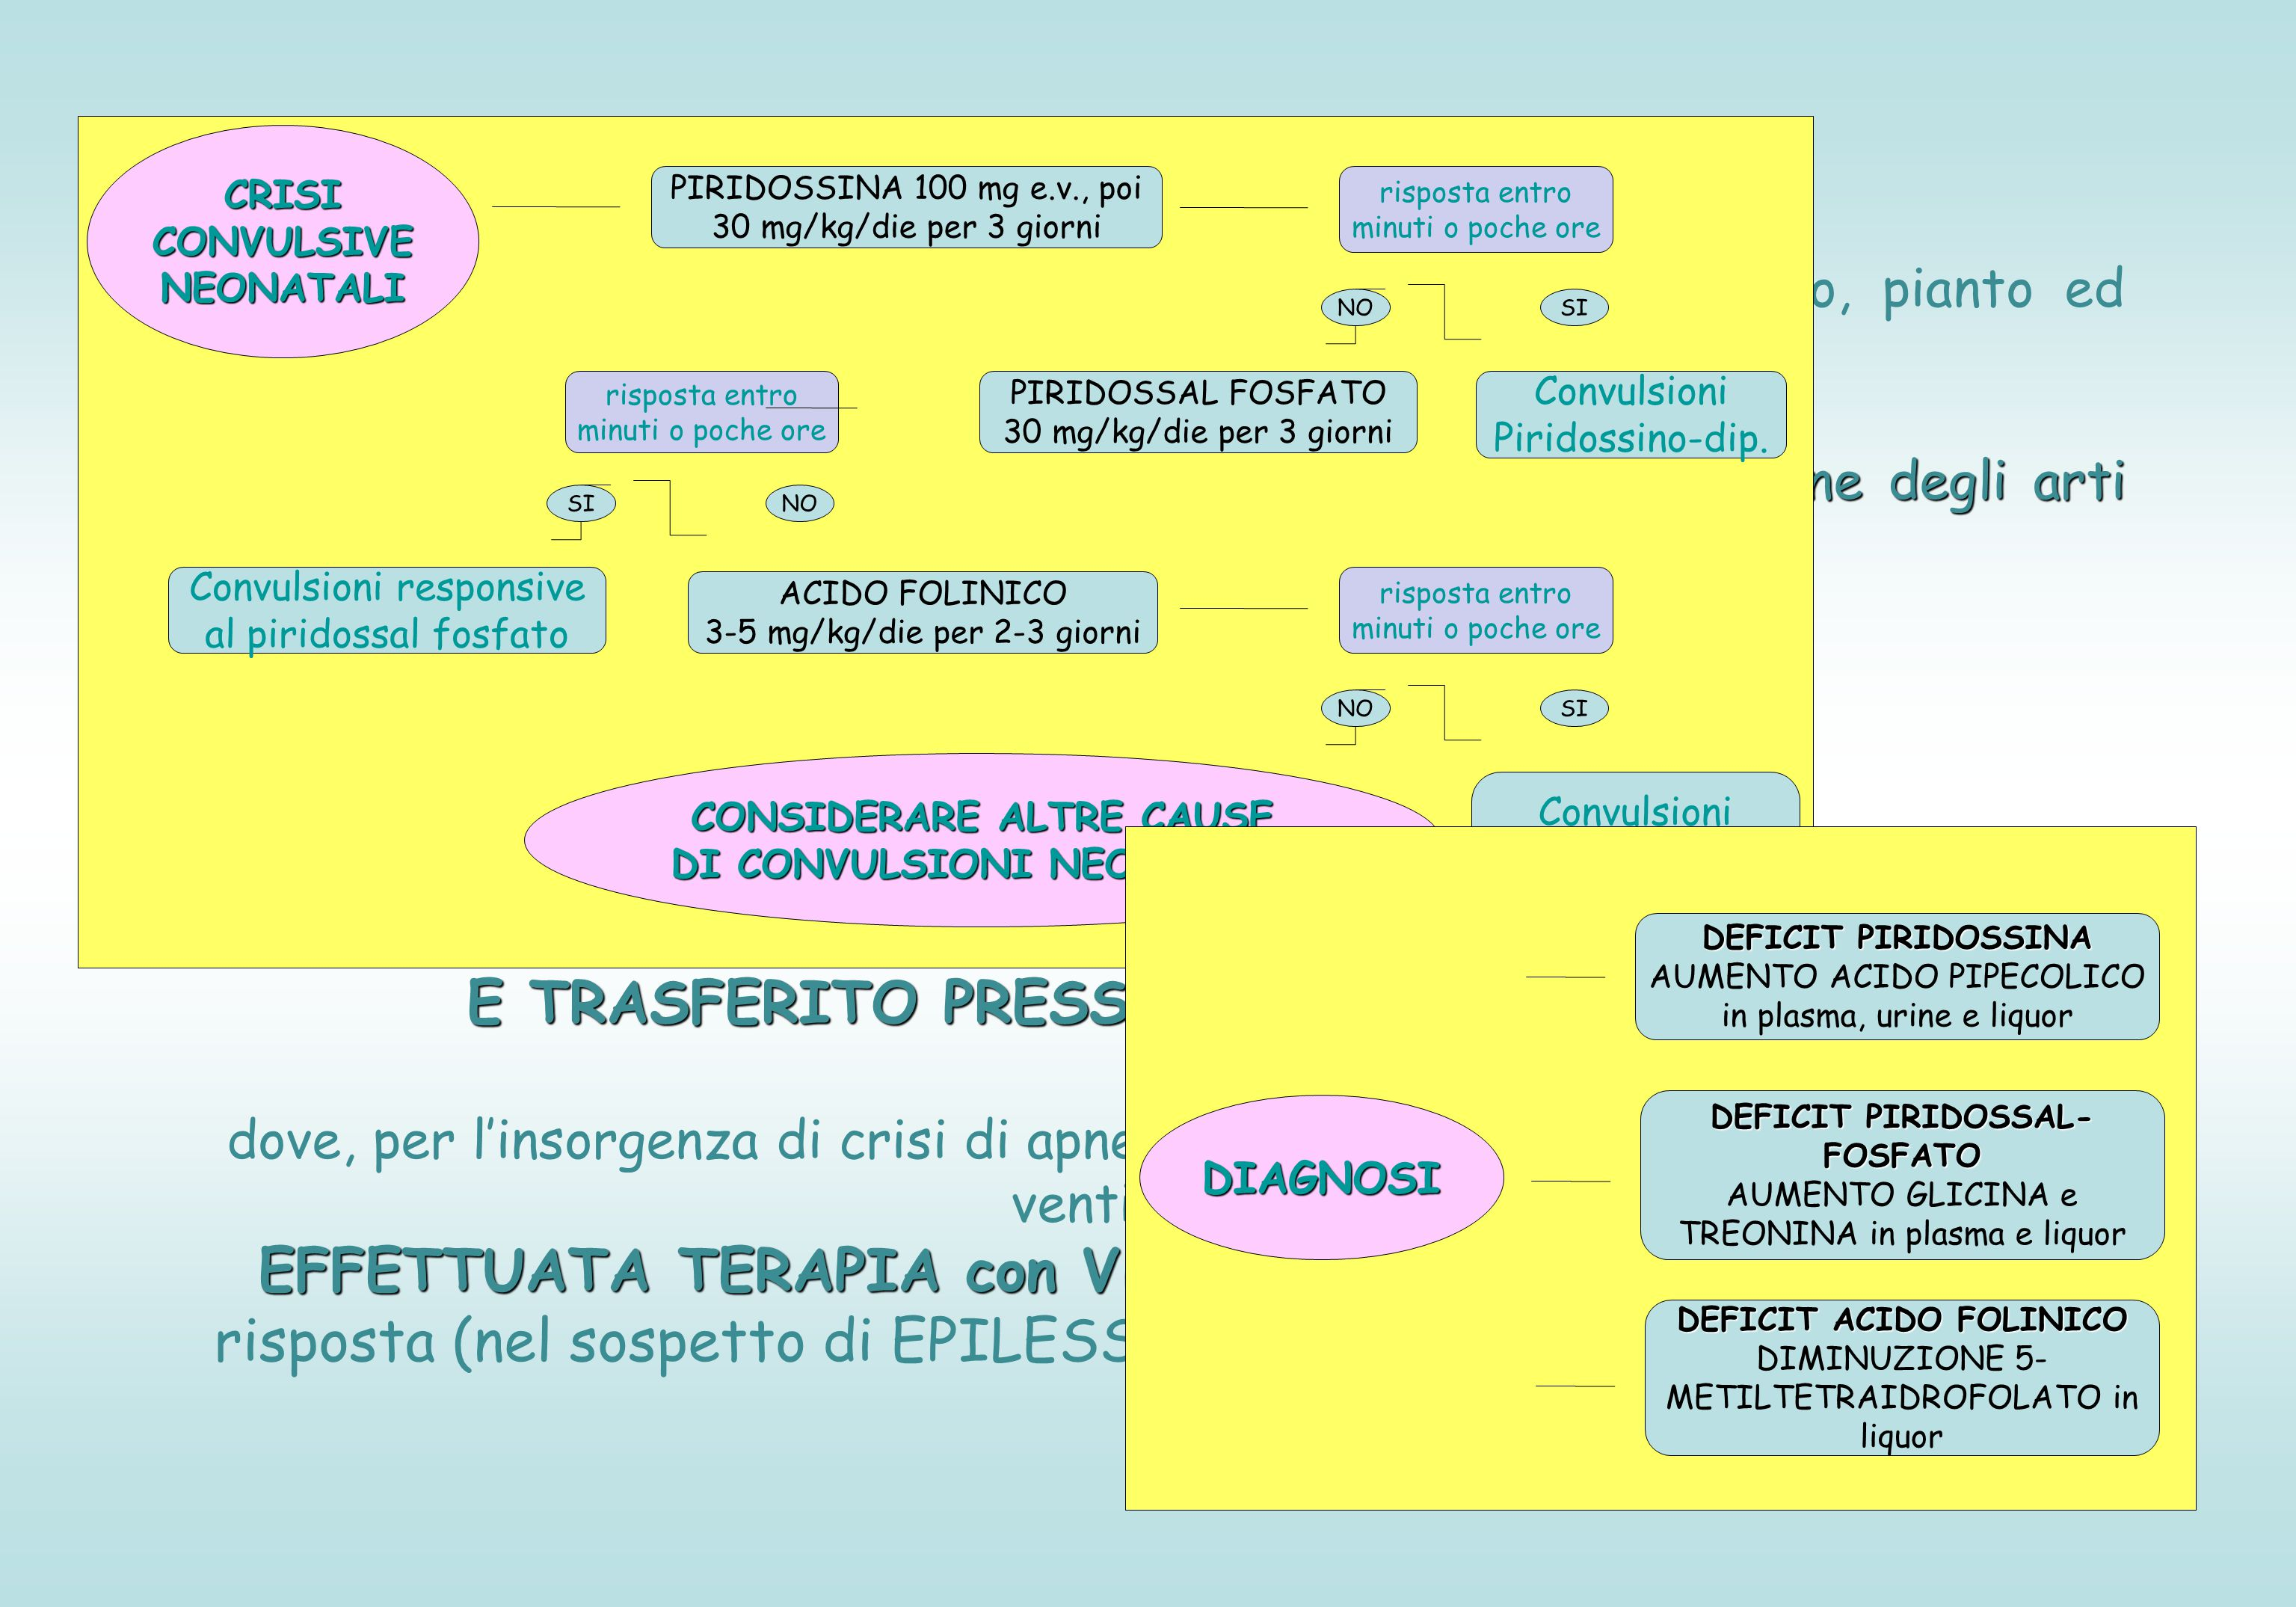 DIAGNOSI DIFFERENZIALE DELL'ENCEFALOPATIA ACUTA ACIDOSI METABOLICA CHETOSI NO CHETOSI Difetti catena respiratoria mitocondriale, organico-acidurie, leucinosi, deficit di PC, difetti gluconeogenesi, difetti della chetolisi Deficit di PDH, difetti della chetogenesi, difetti della beta-ossidazione degli acidi grassi d.d Diabete mellito, intossicazioni, meningo-encefalite infettiva d.d Intossicazioni, s.